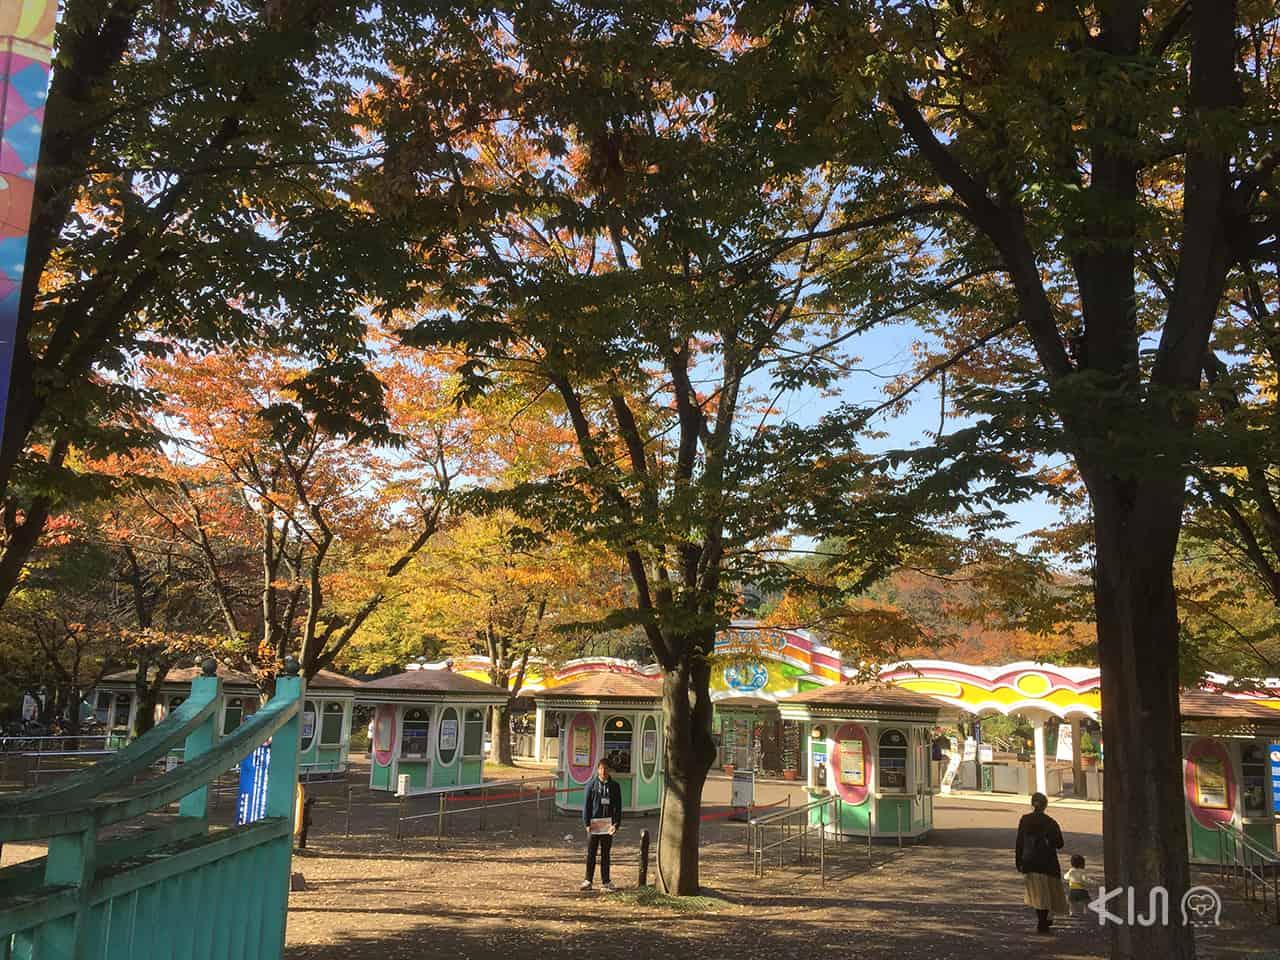 ทางเข้าสวนโทชิมะเอ็นในฤดูใบไม้ร่วง